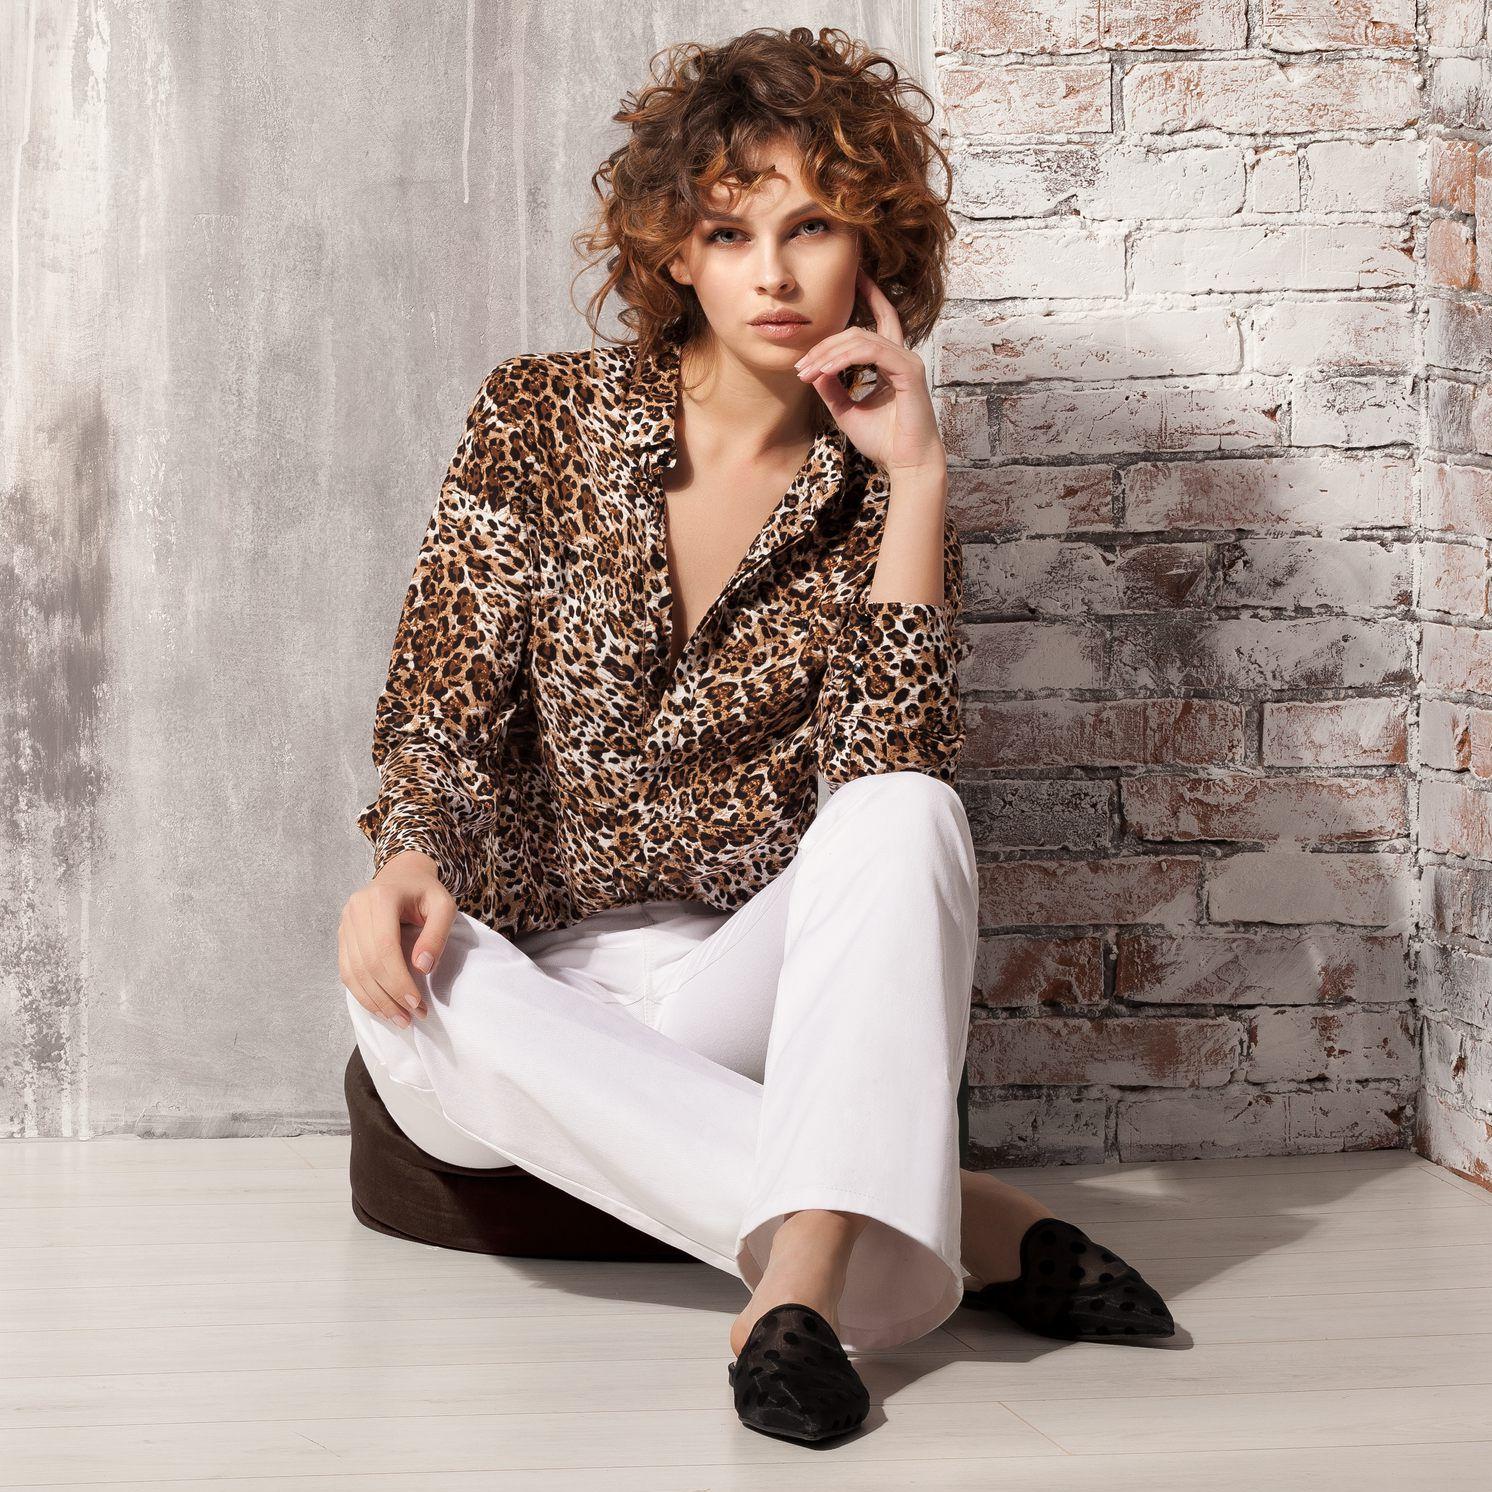 46dfc06de345 Одежда для модных девушек  Модная женская одежда интернет магазин